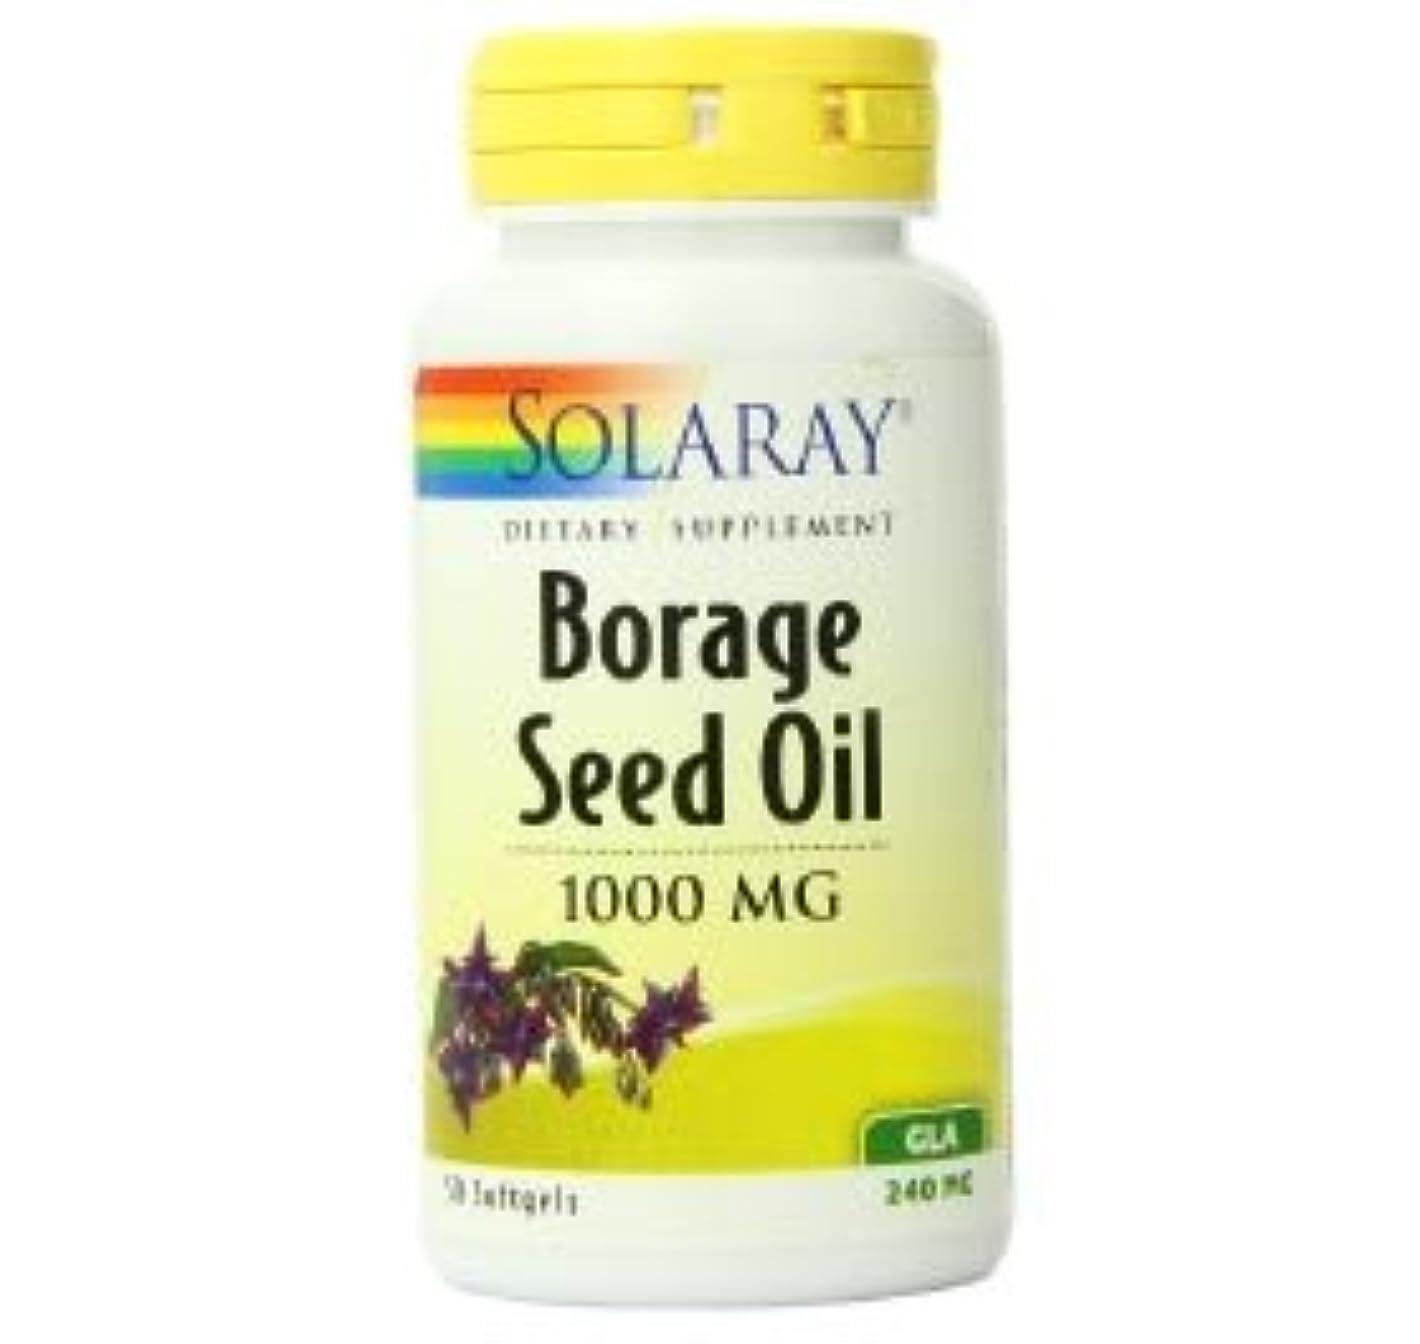 鯨野ウサギジャーナリスト【海外直送品】SOLARAY - Borage seed oil - 50softgel ボラージシードオイル